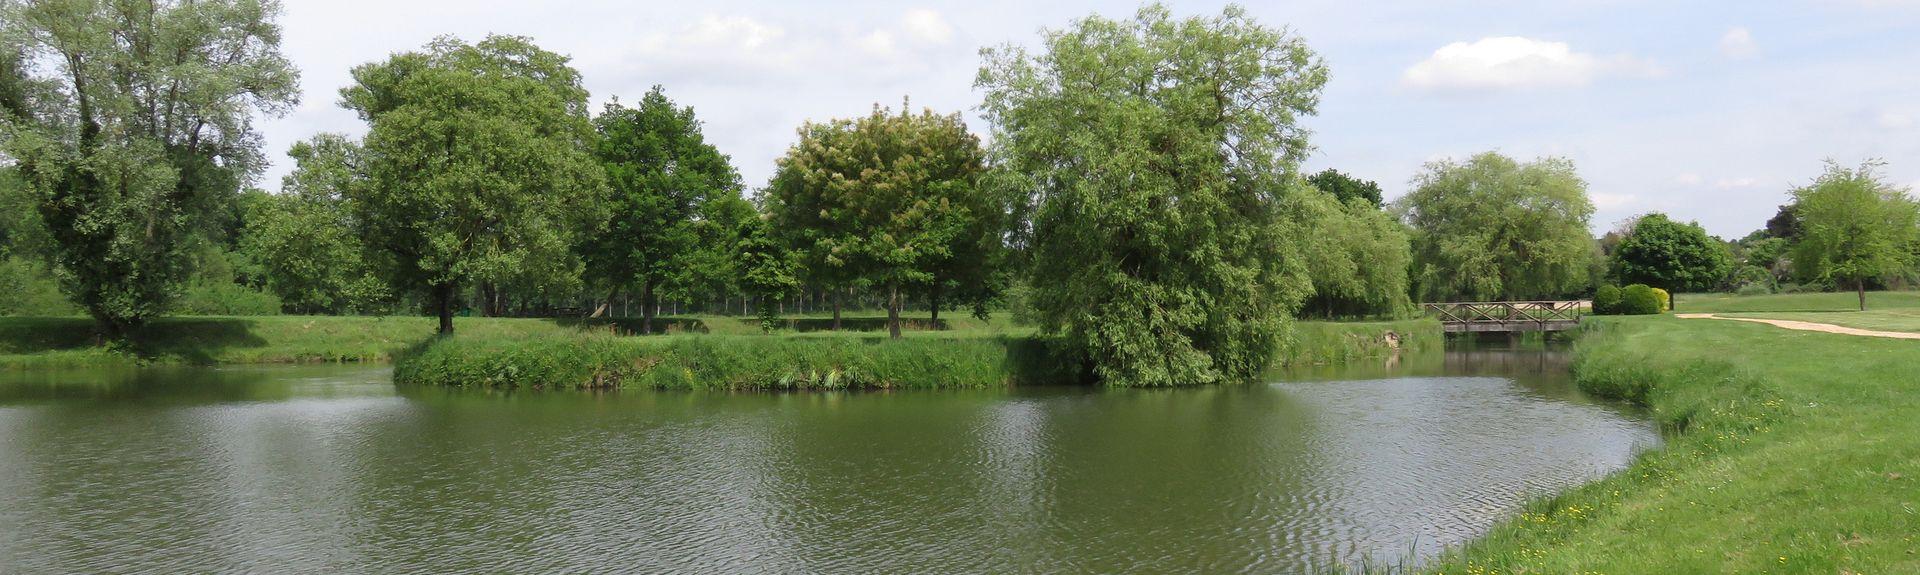 Villandry, Indre-et-Loire (departement), Frankrijk